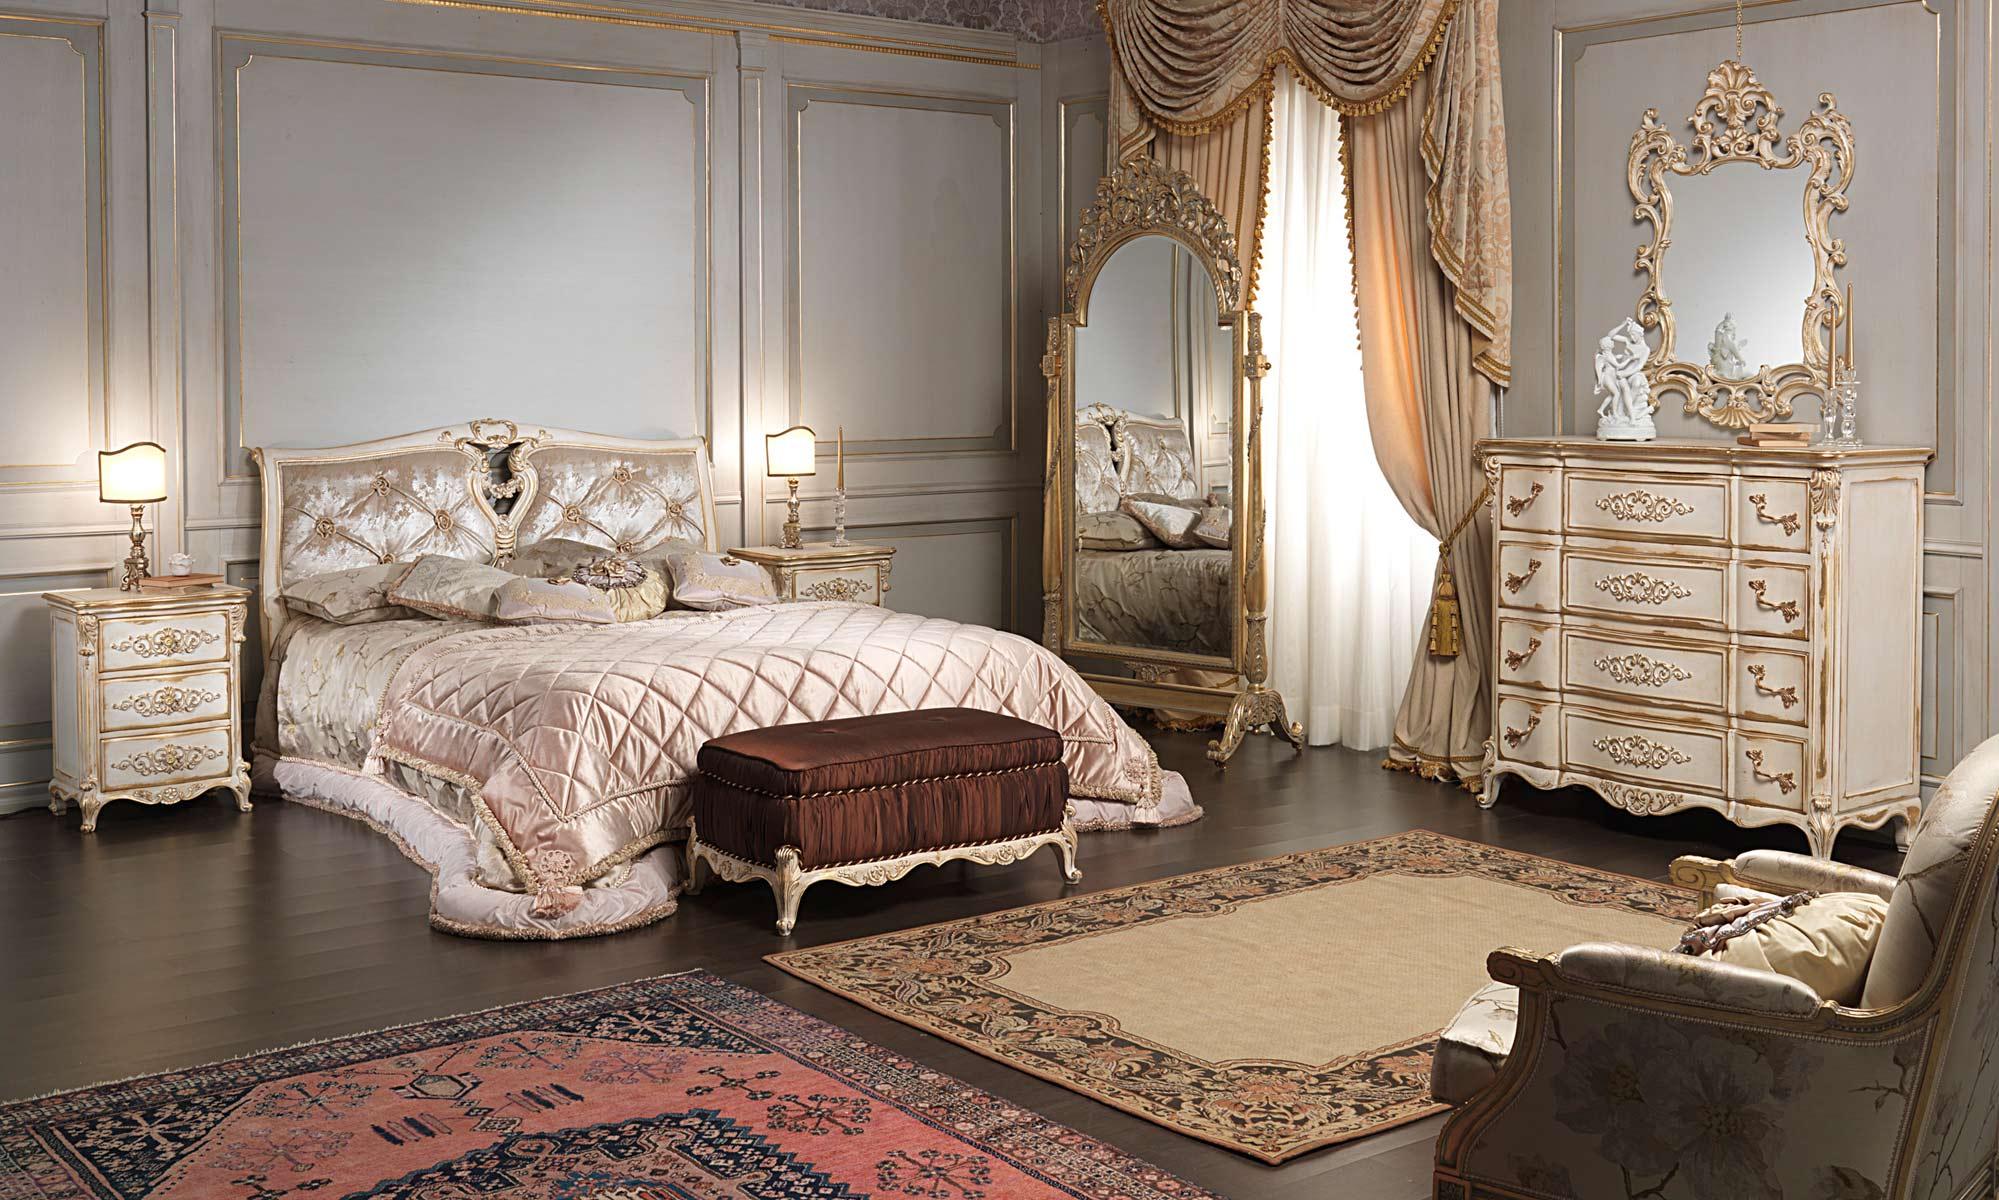 camera da letto classica in stile luigi xvi letto panca